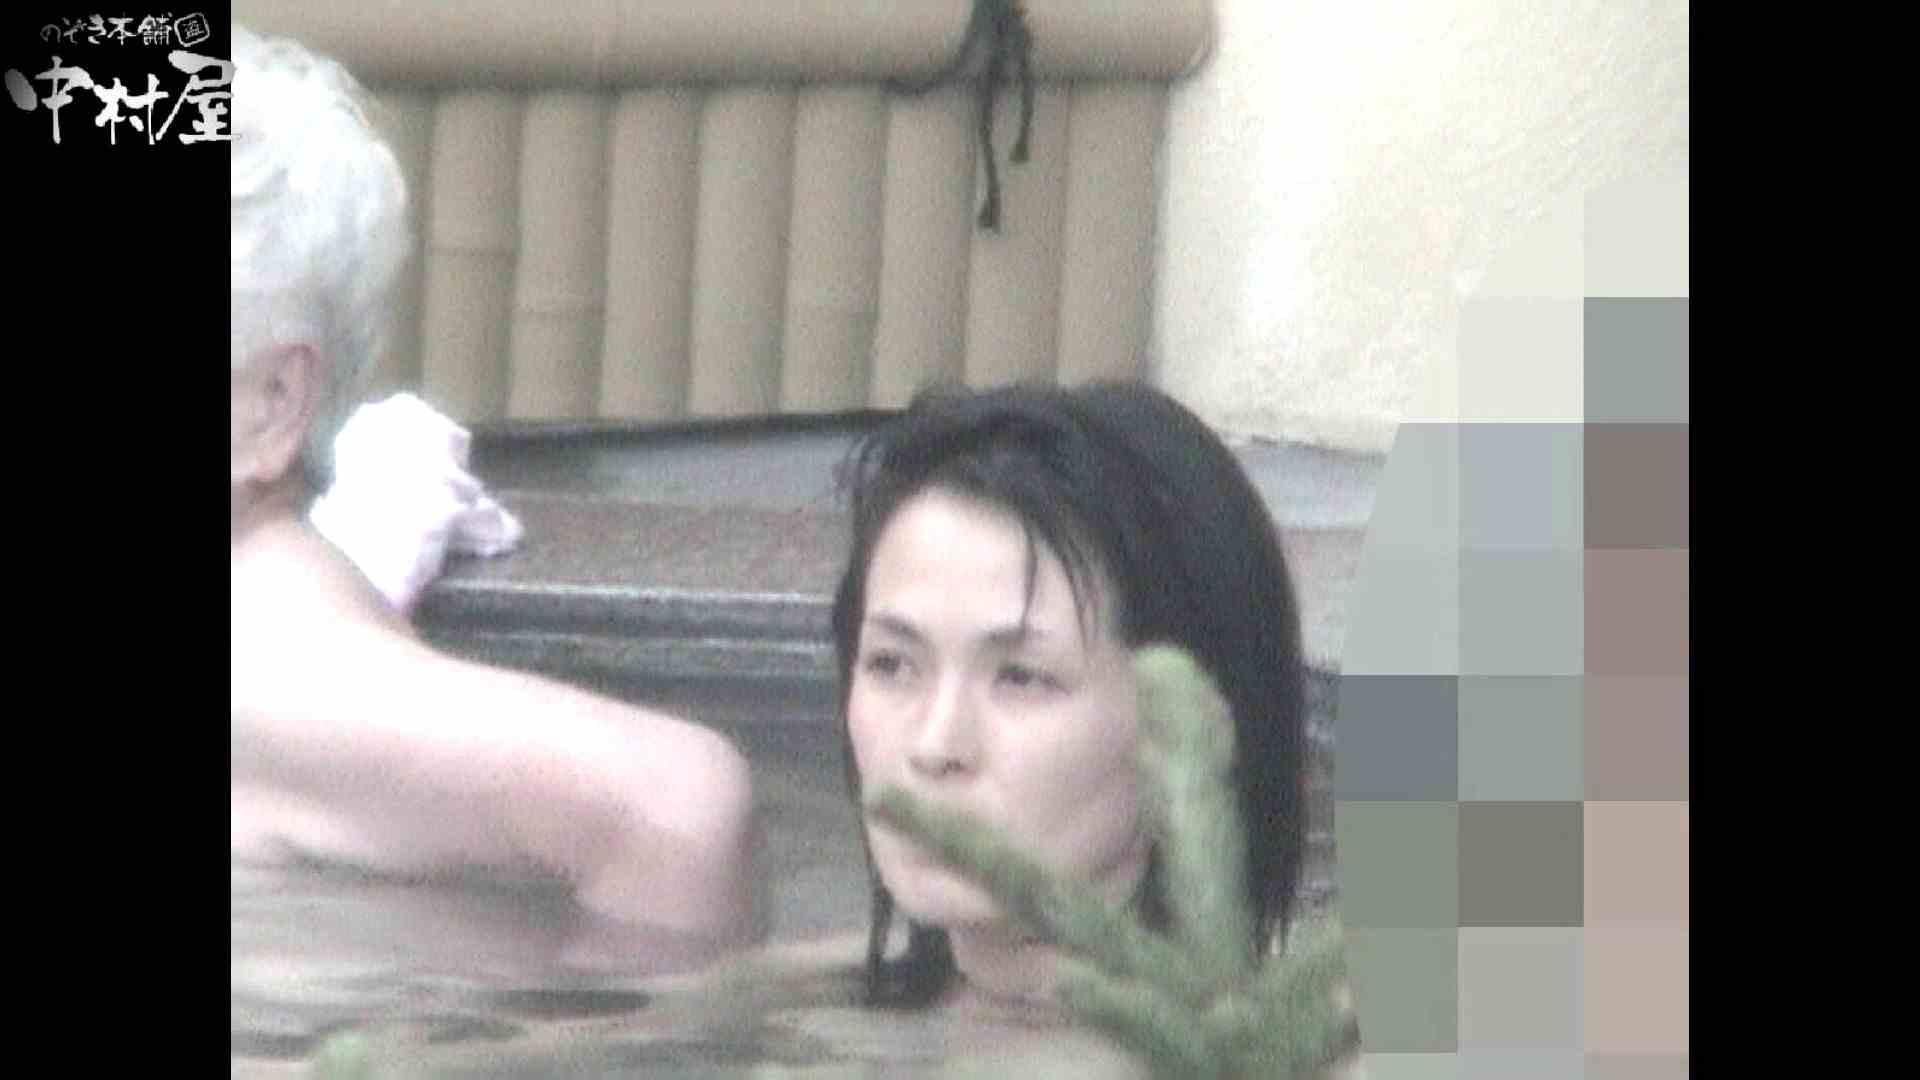 Aquaな露天風呂Vol.933 露天風呂 | 盗撮  74連発 10